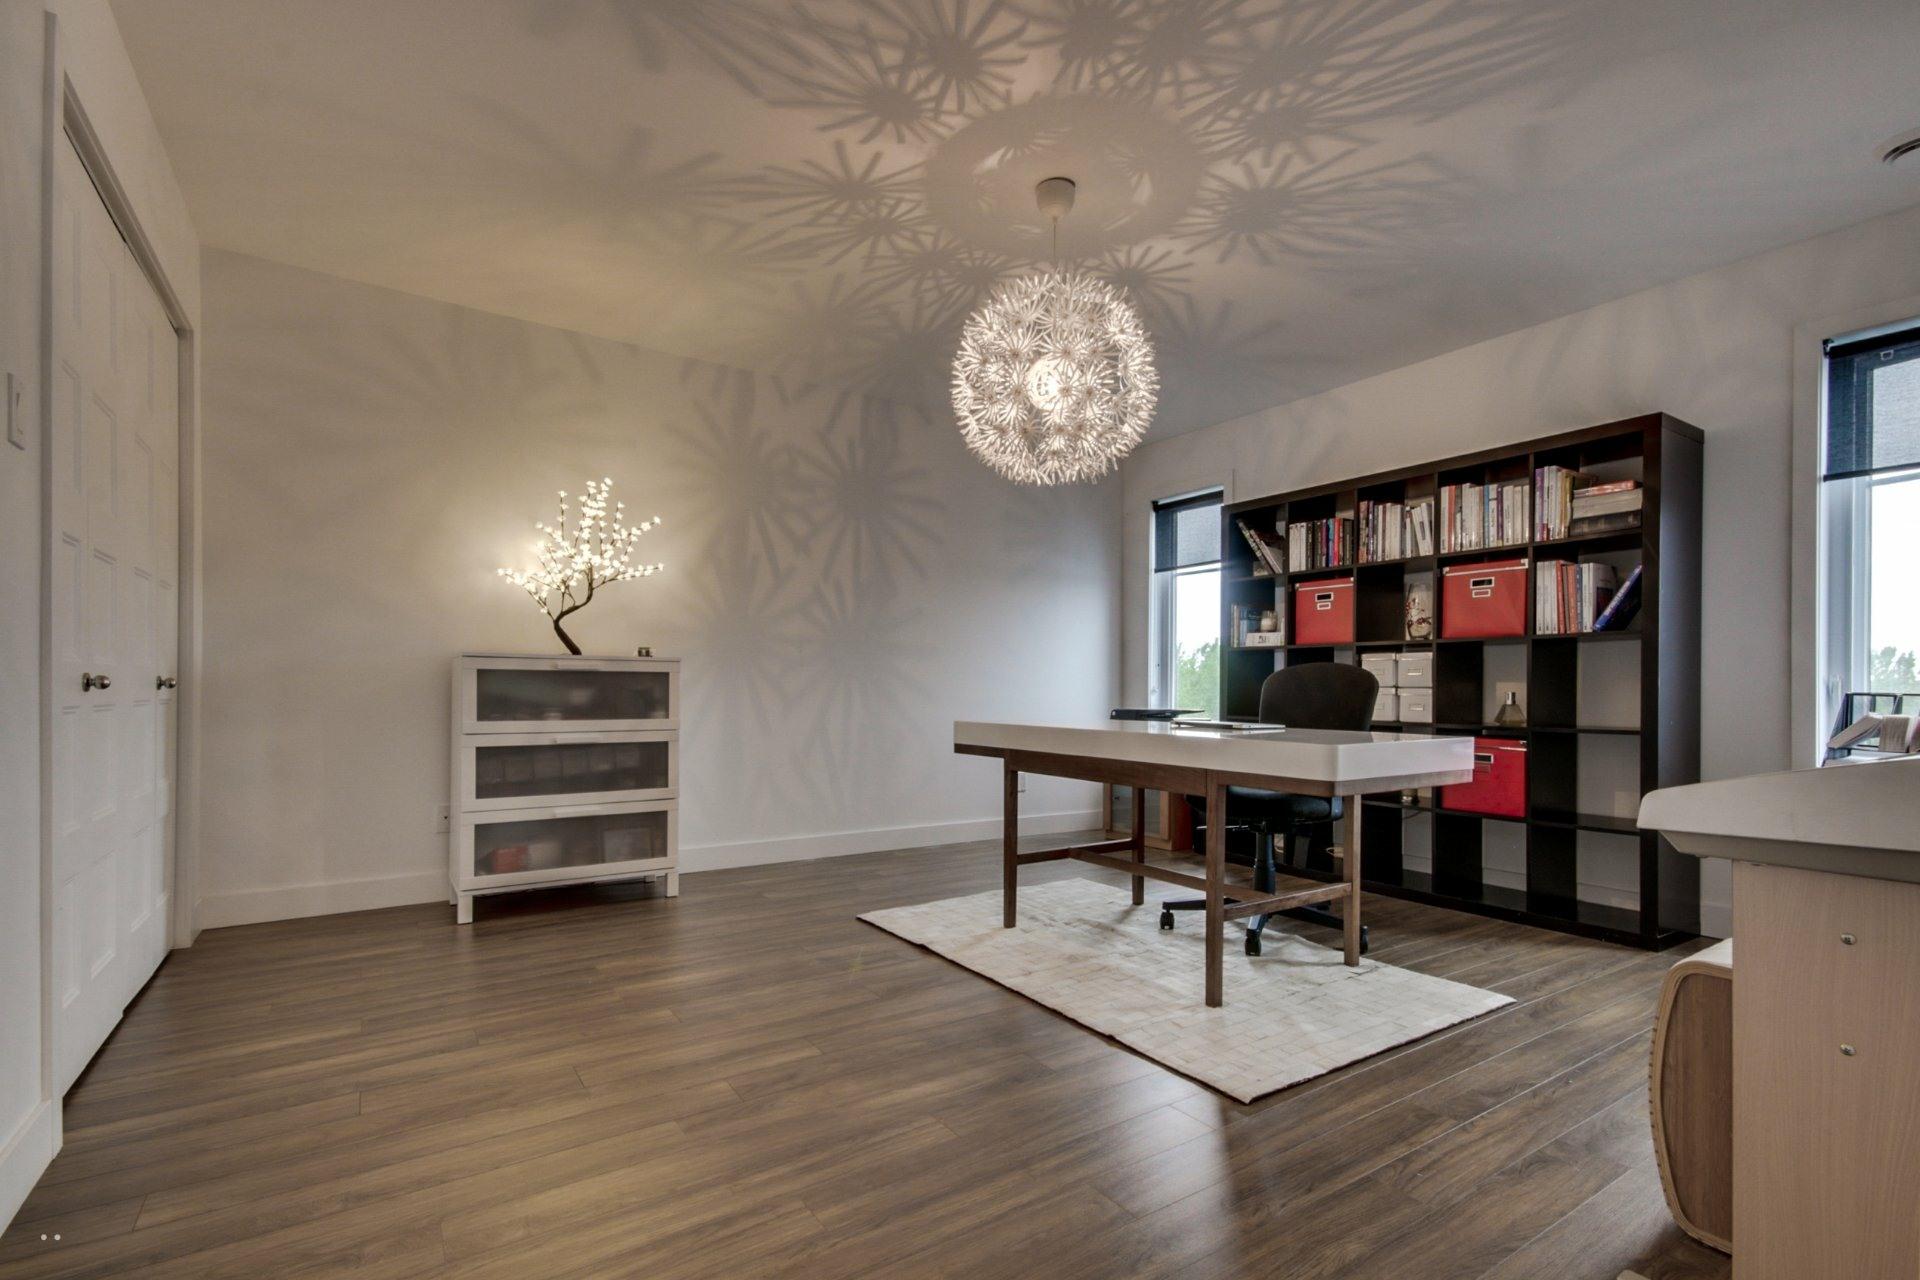 image 26 - Appartement À vendre Trois-Rivières - 7 pièces